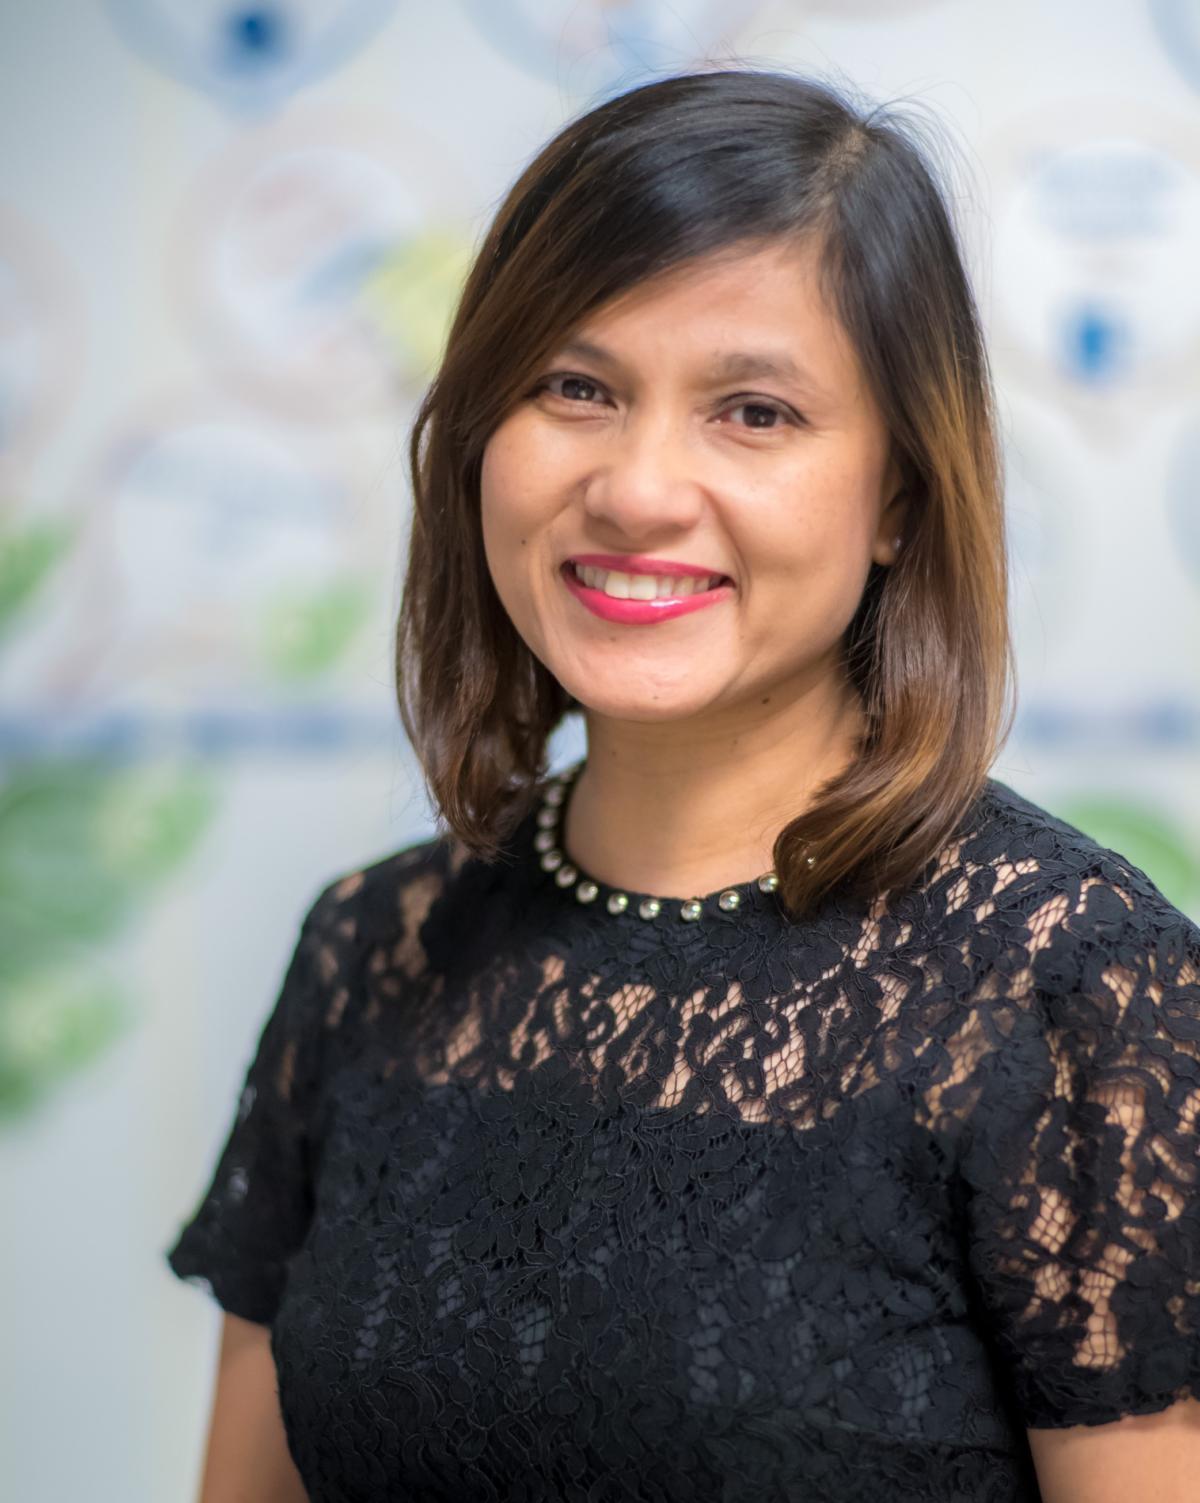 Shirin Hamid, CIO at the Asian Development Bank